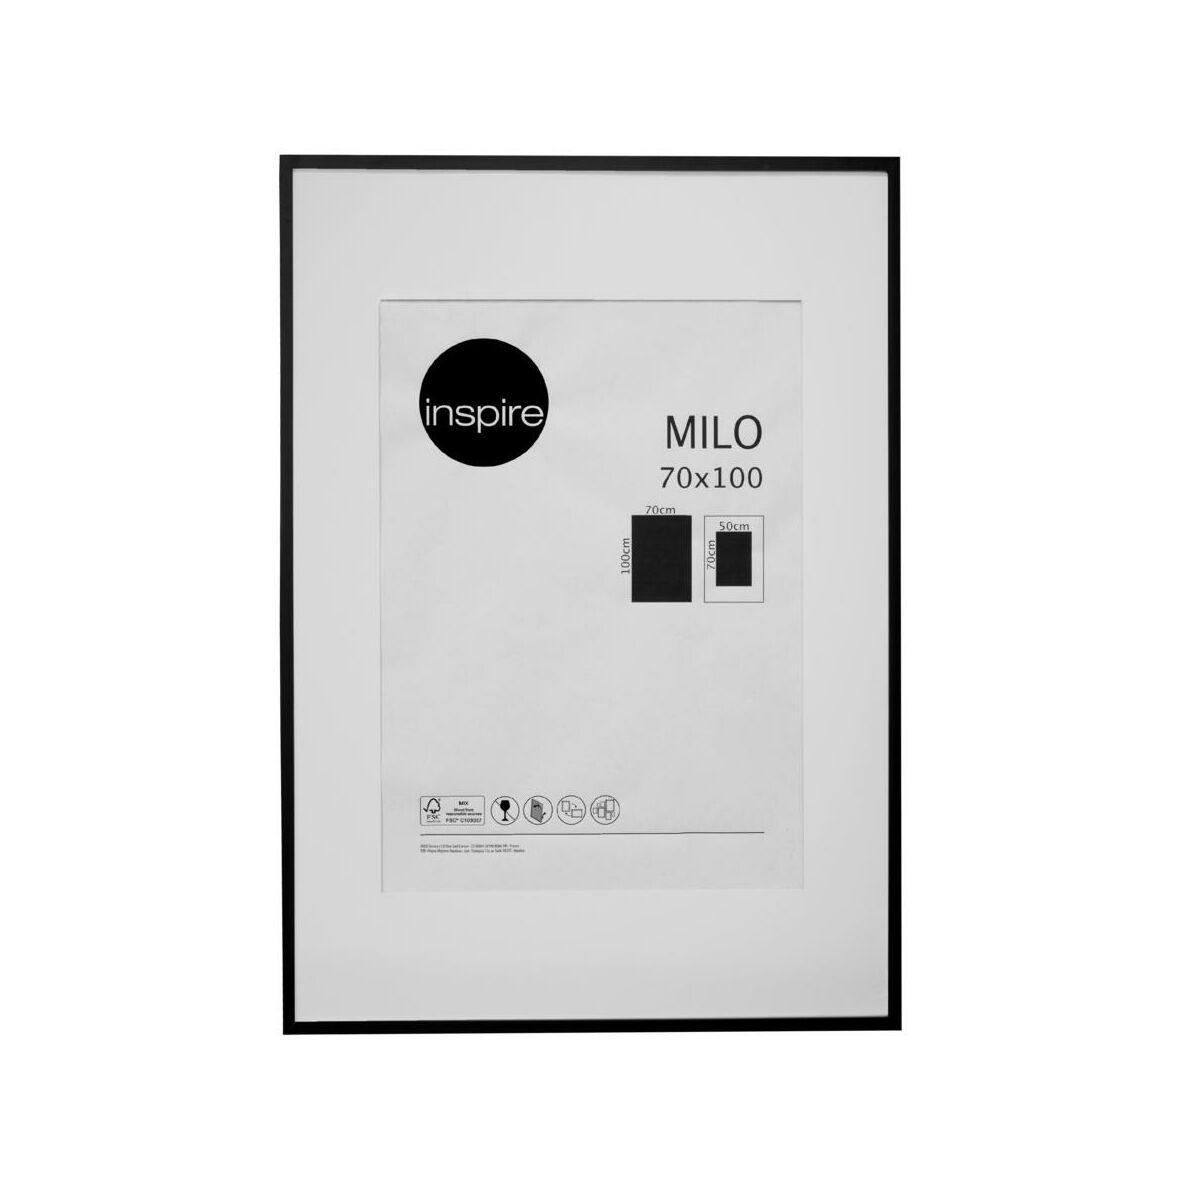 Ramka Na Zdjecia Milo 70 X 100 Cm Czarna Mdf Inspire Ramki Na Zdjecia W Atrakcyjnej Cenie W Sklepach Leroy Merlin